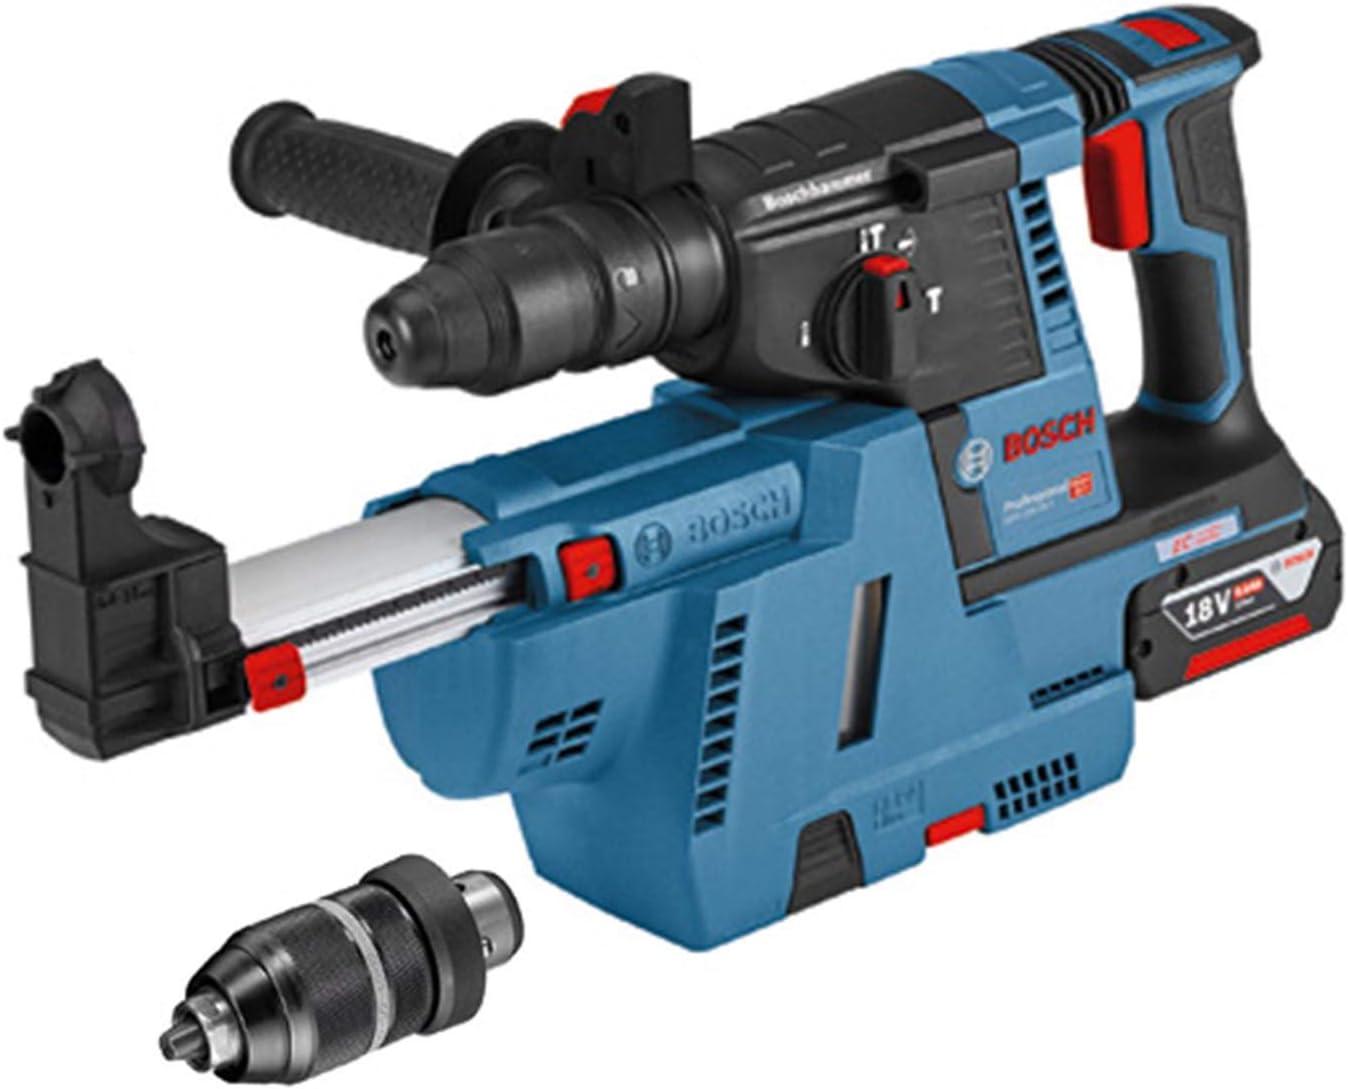 ボッシュ 18Vコードレスハンマードリル GB-26FGDE